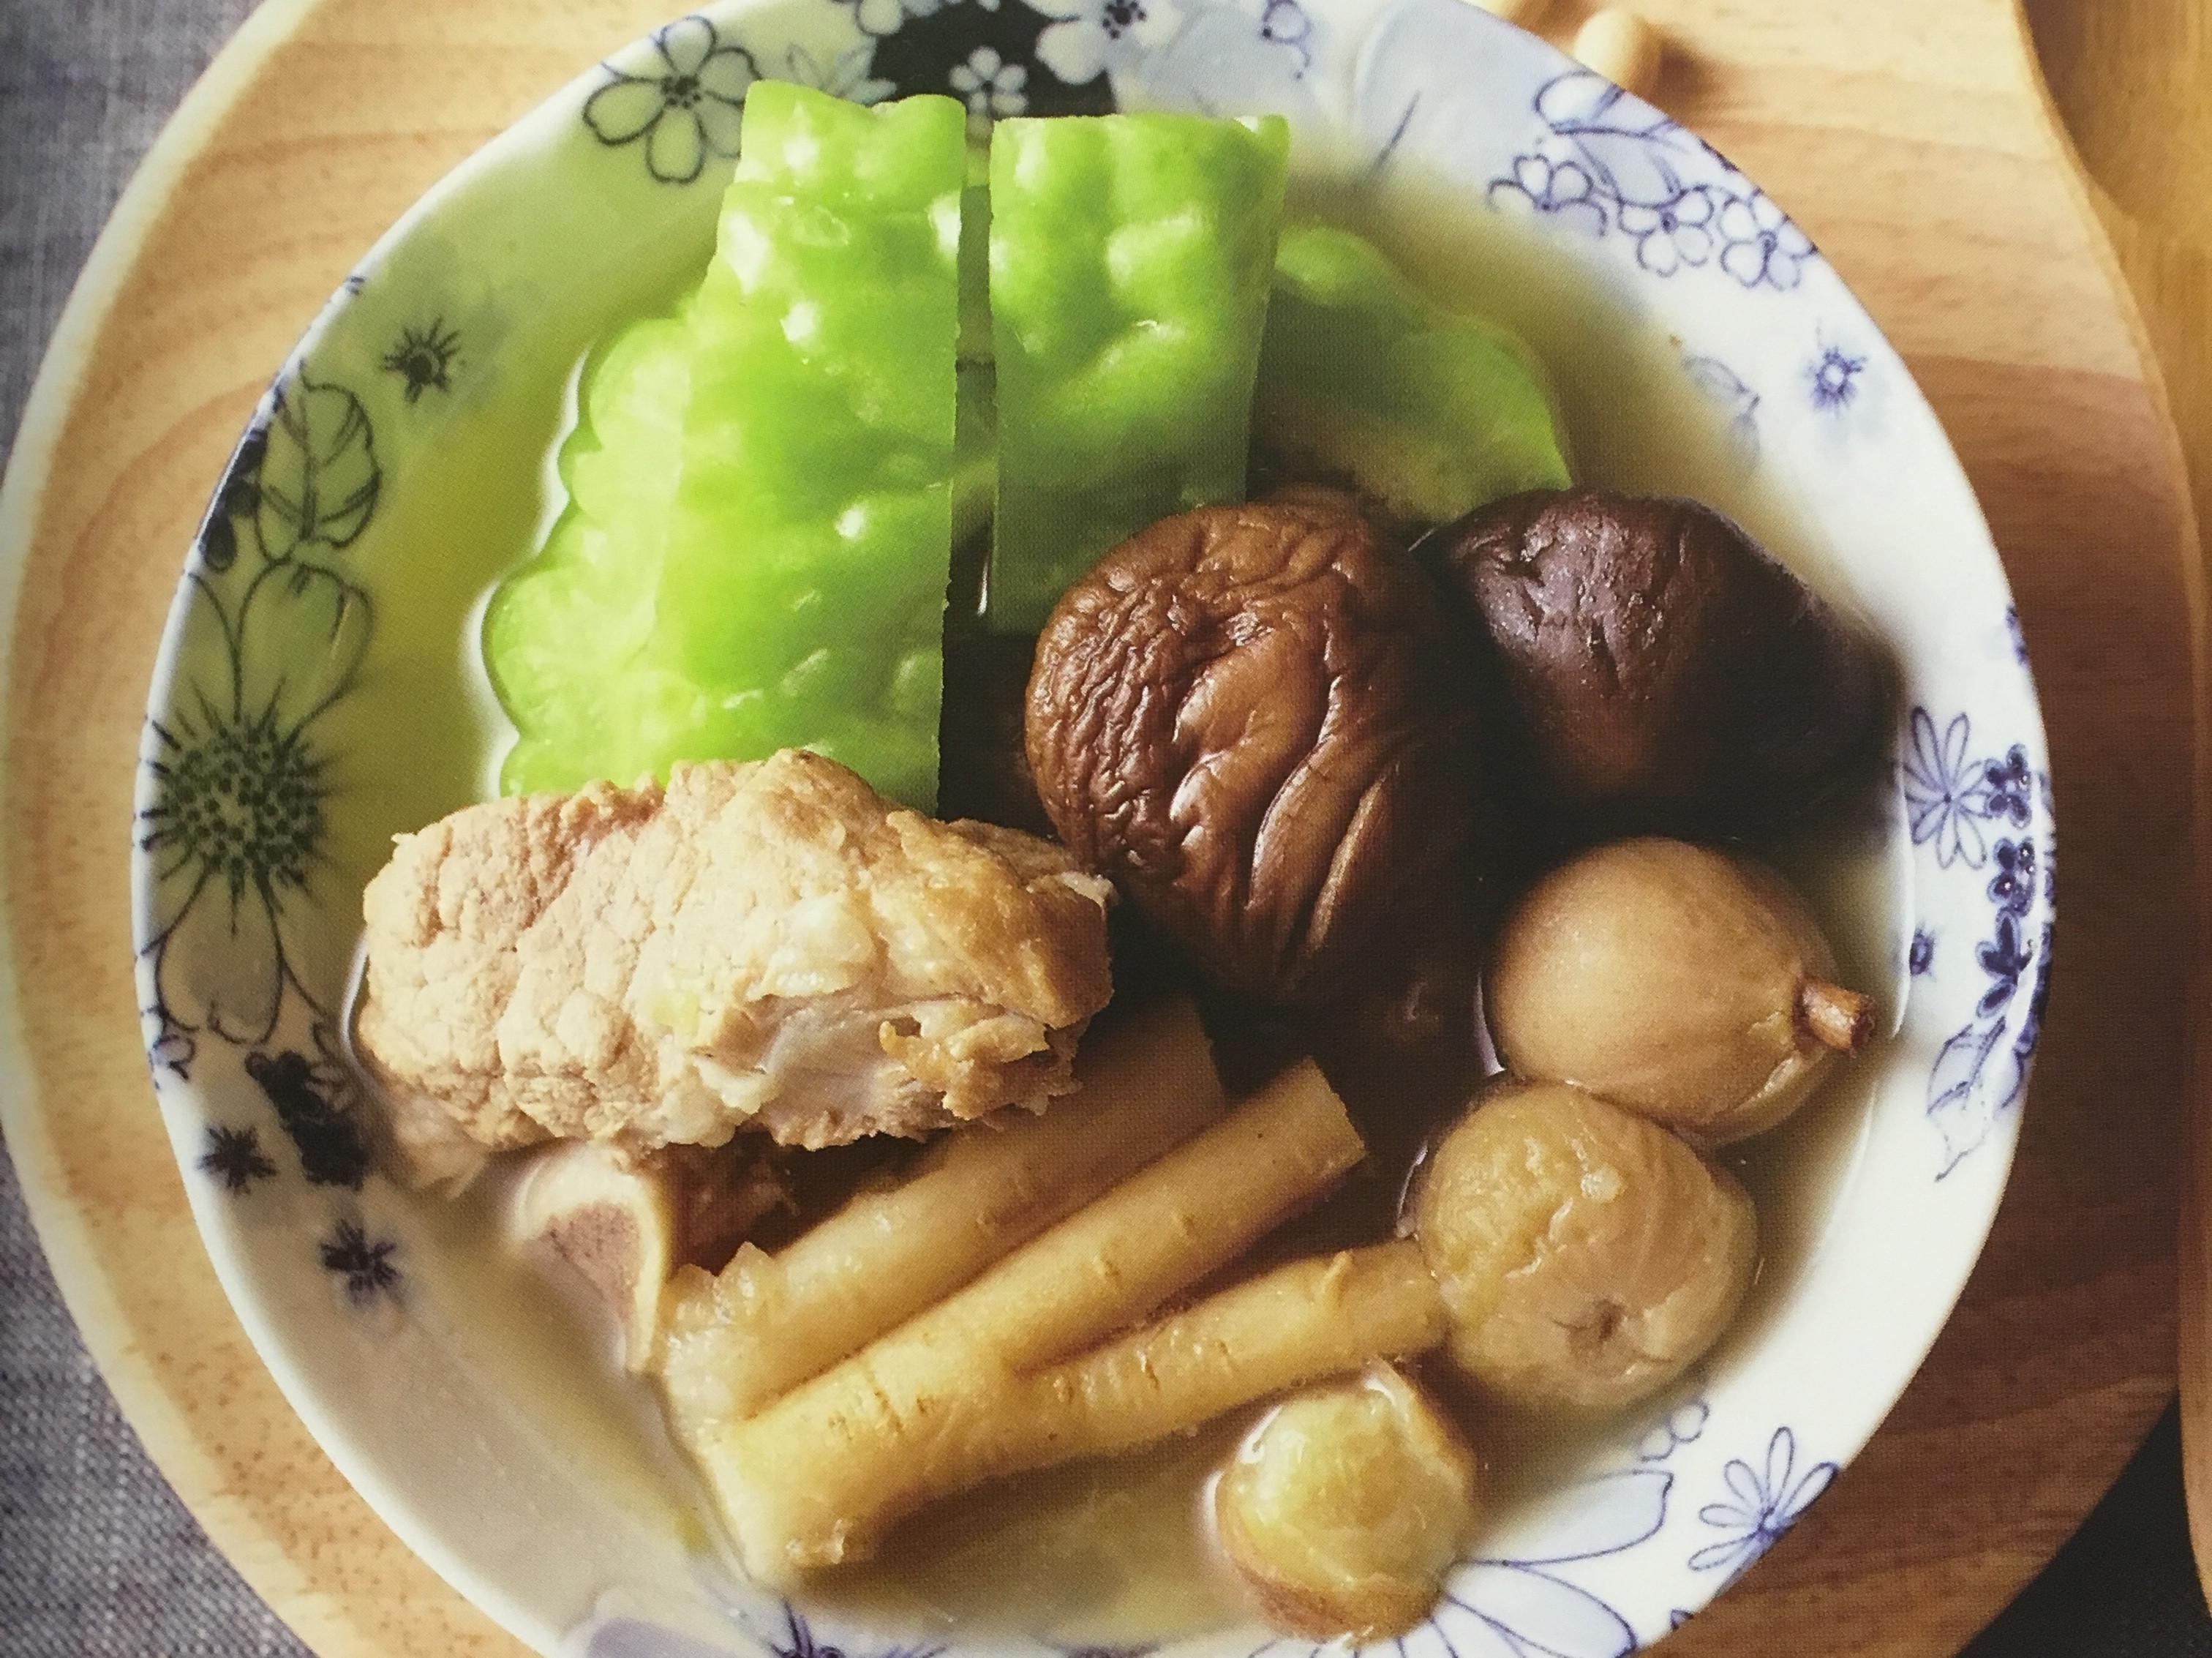 「苦瓜黃豆淮山冬菇煲排骨」-消暑去濕